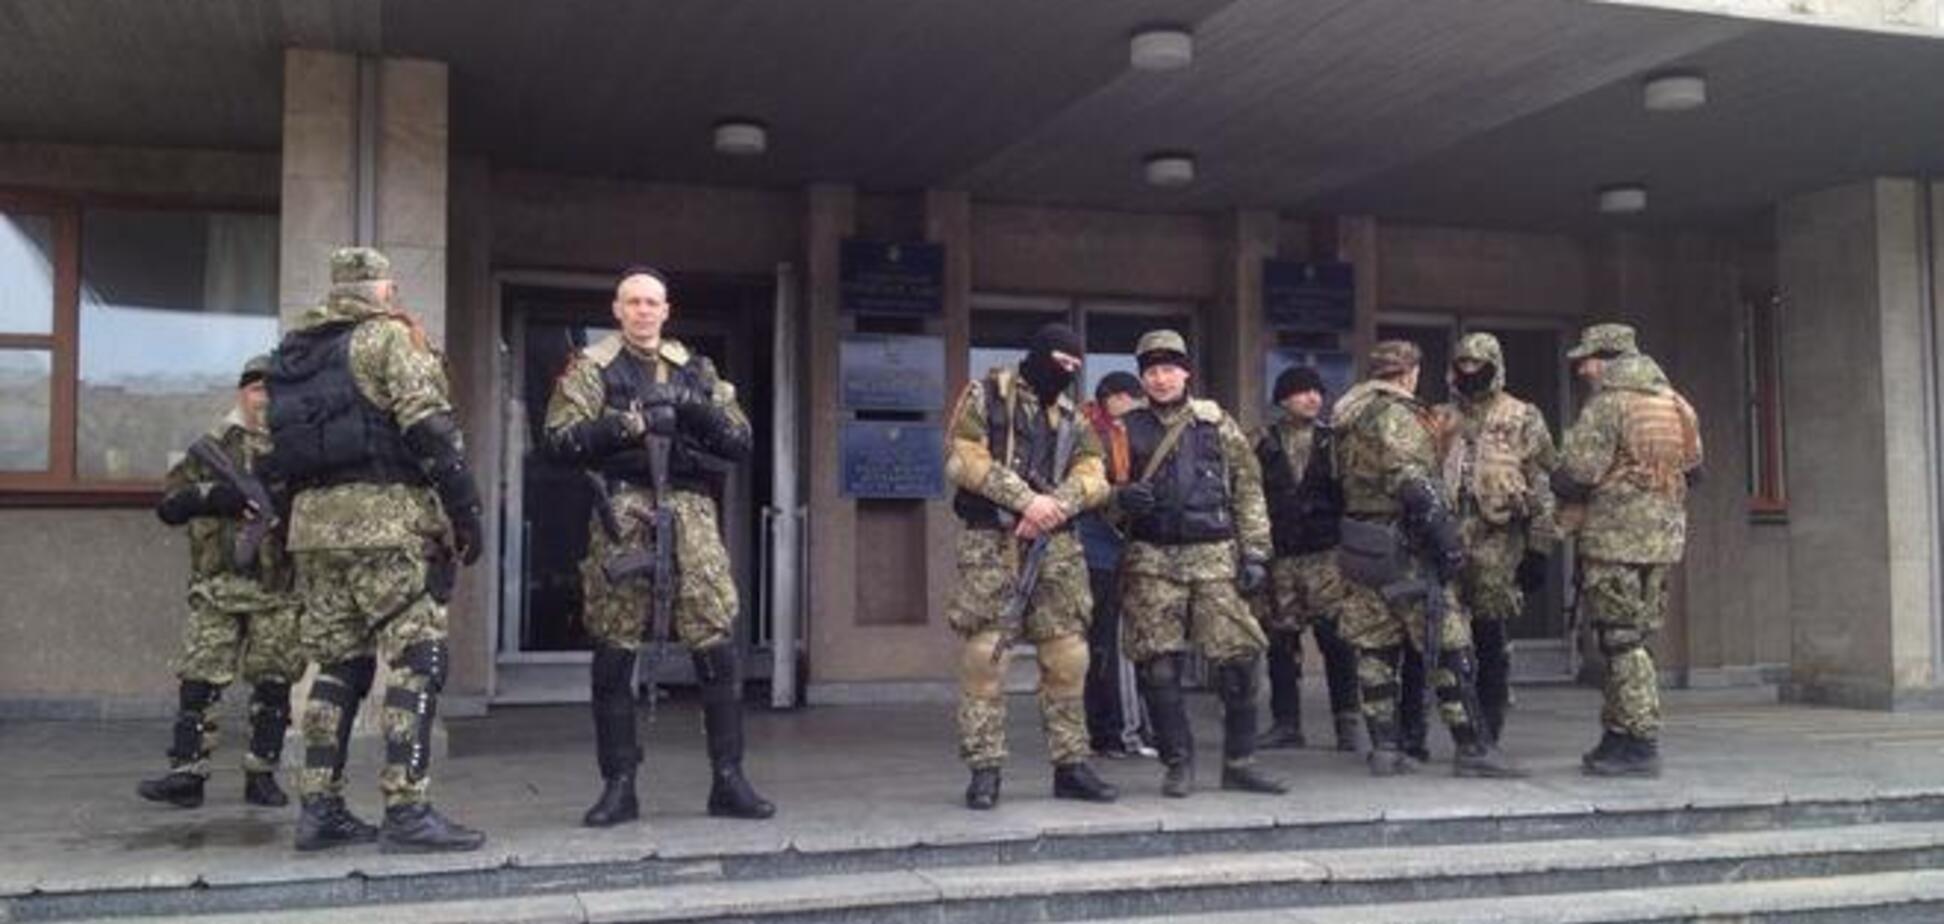 Жителі Слов'янська просять звільнити місто від терористів - джерело